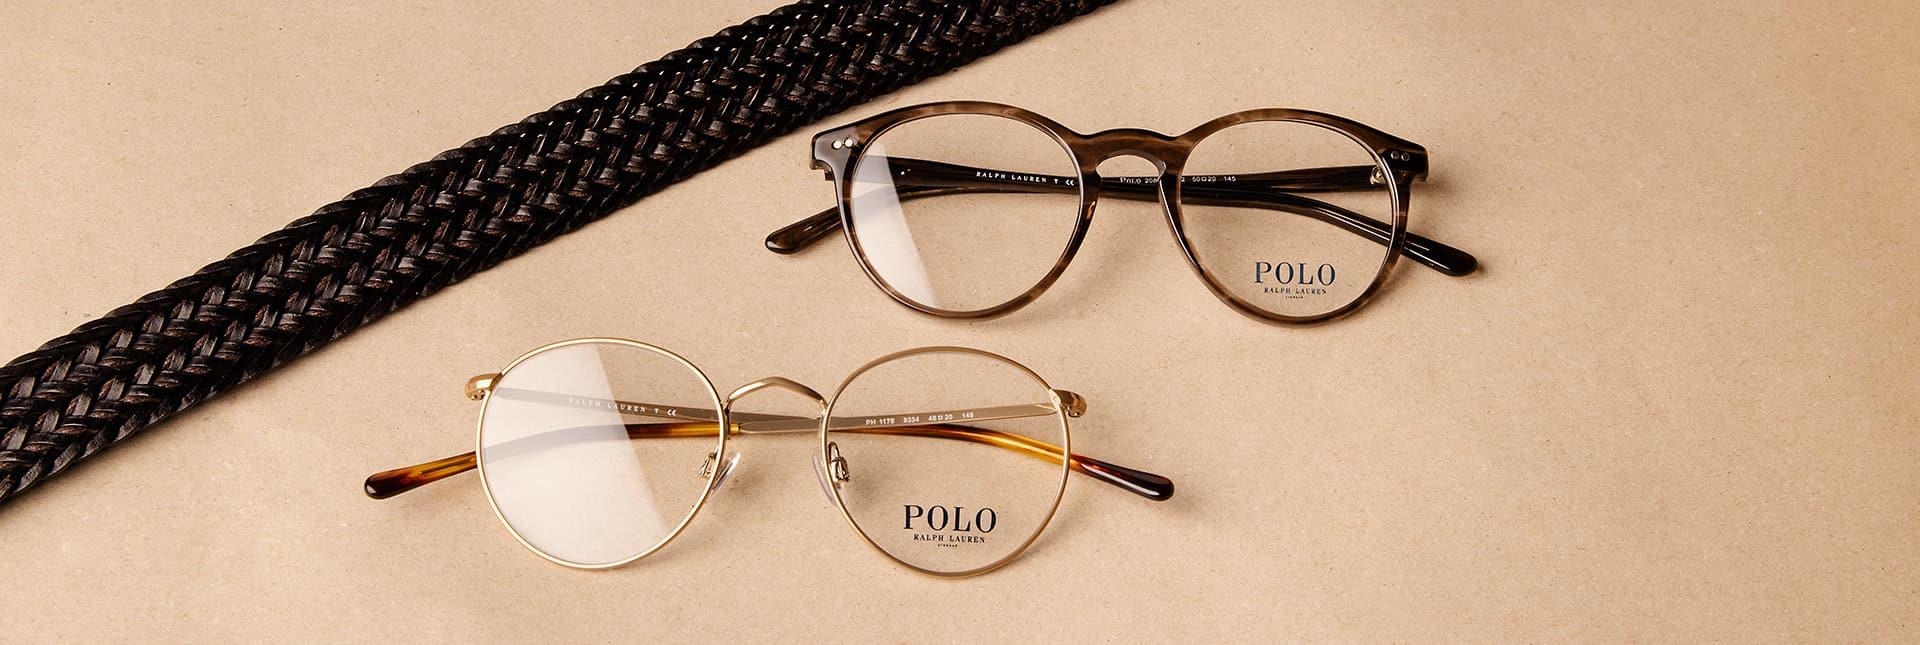 Polo Ralph Lauren® Eyeglasses